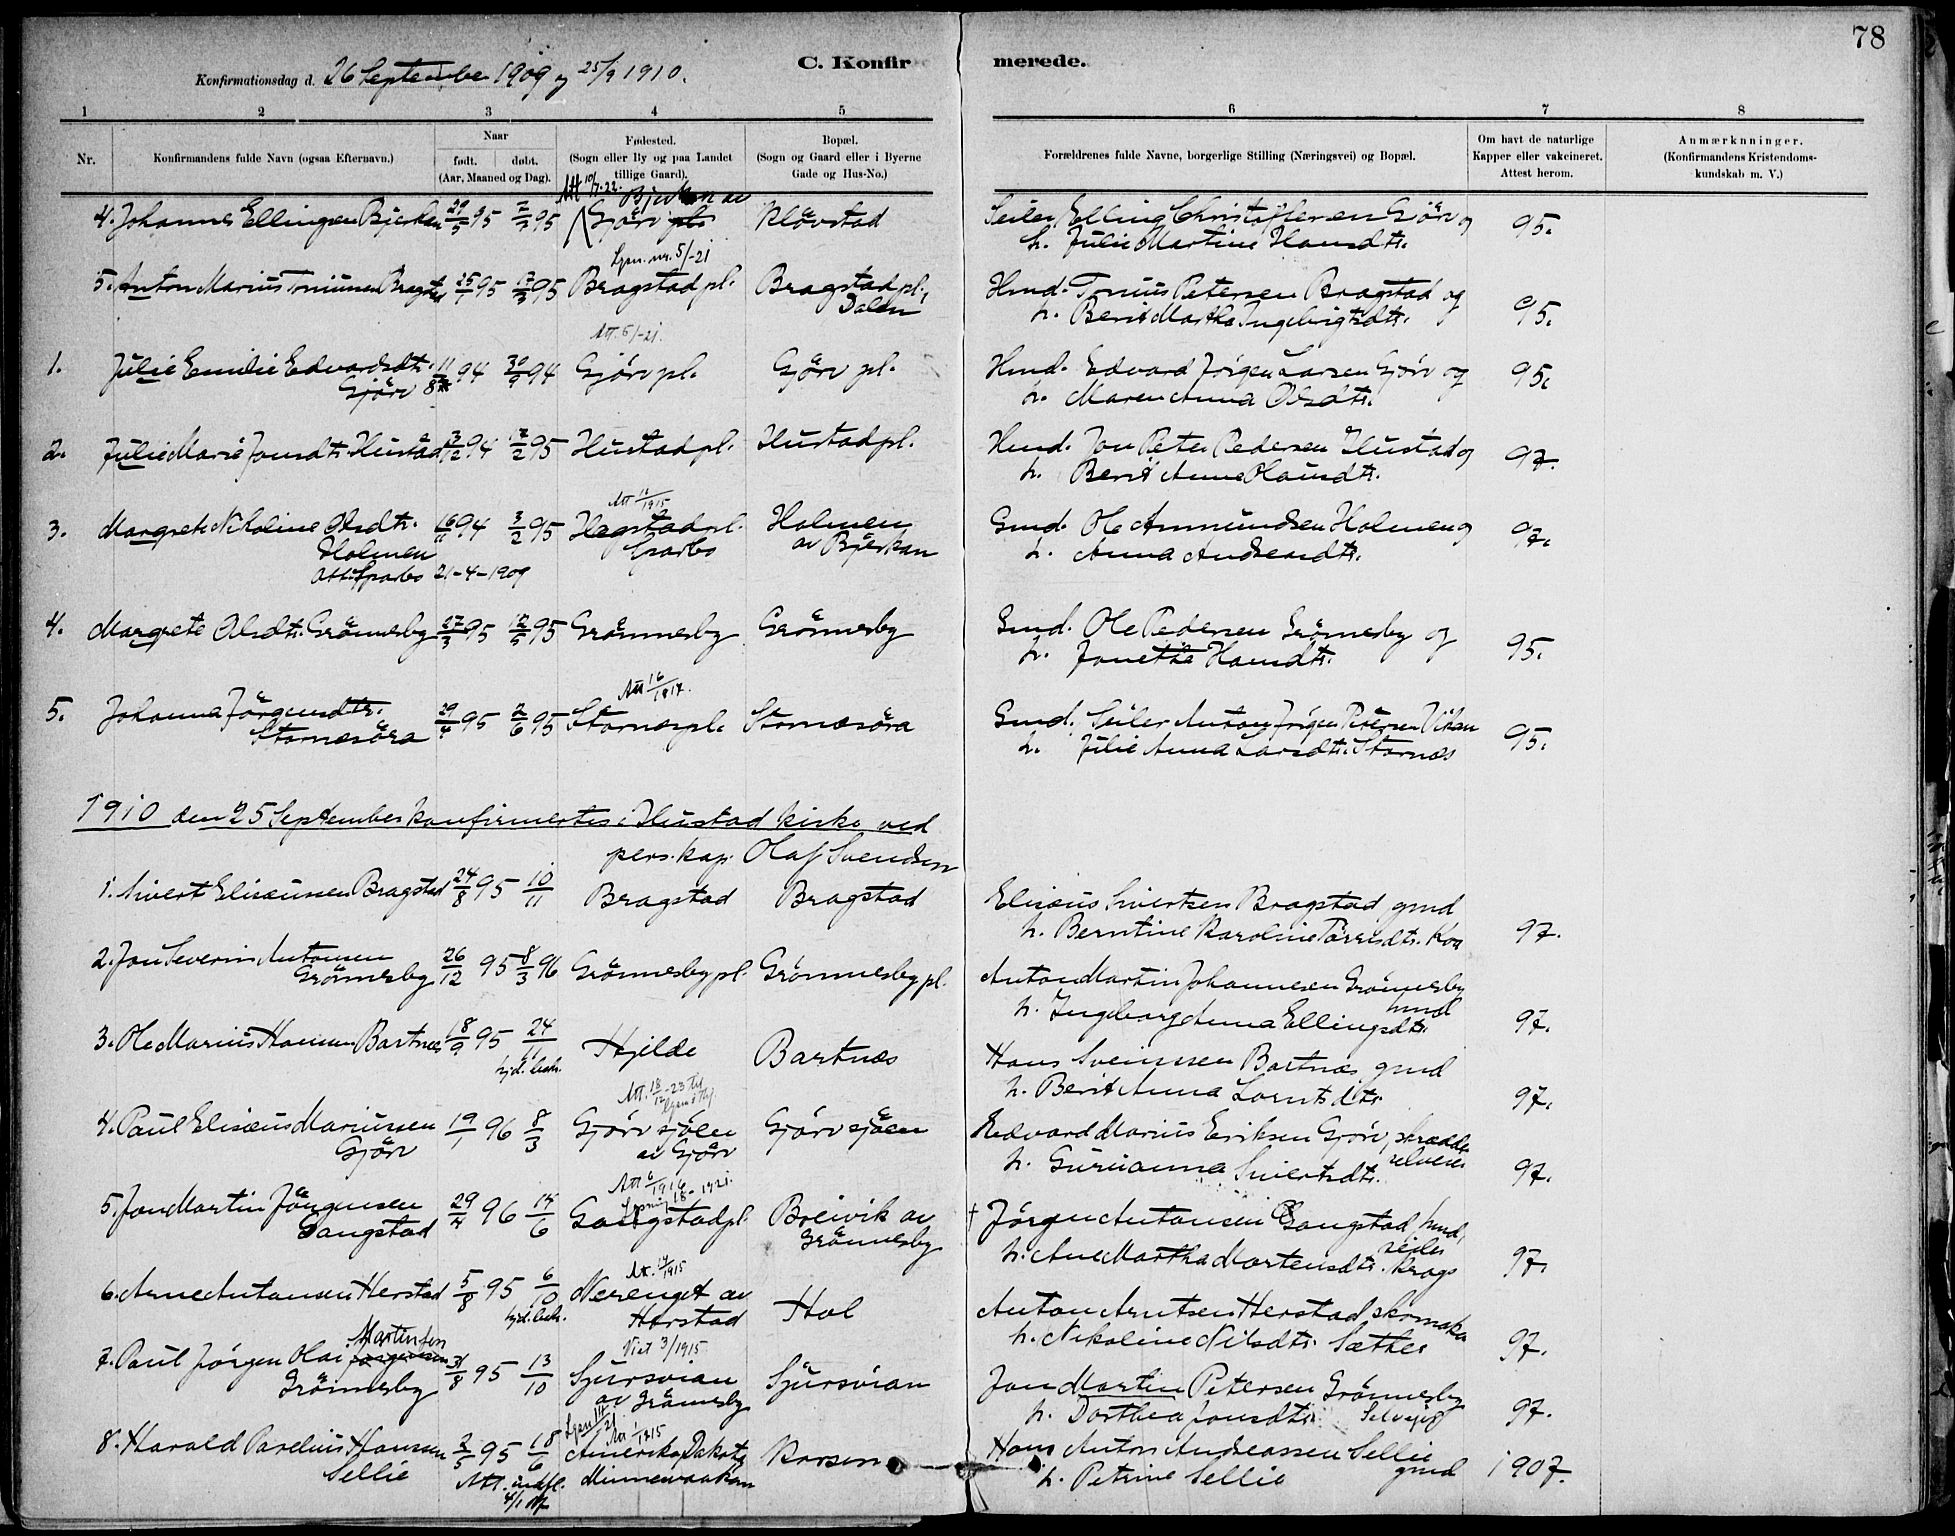 SAT, Ministerialprotokoller, klokkerbøker og fødselsregistre - Nord-Trøndelag, 732/L0316: Ministerialbok nr. 732A01, 1879-1921, s. 78